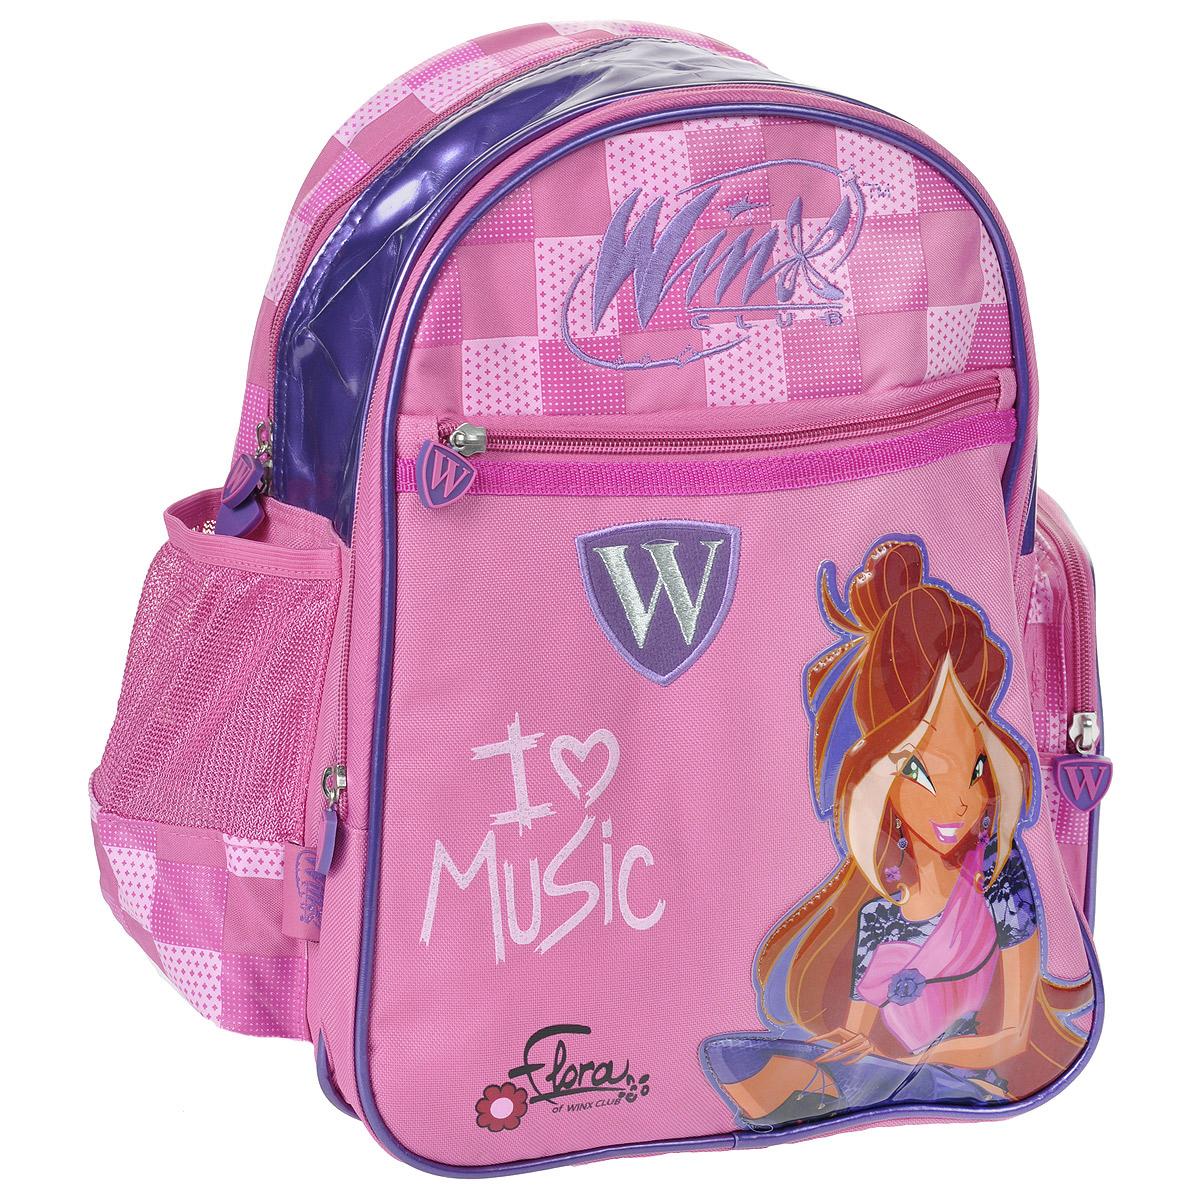 """Рюкзак школьный Winx Club """"Magical Concert Purple"""", №1, цвет: розовый, сиреневый. 20537"""